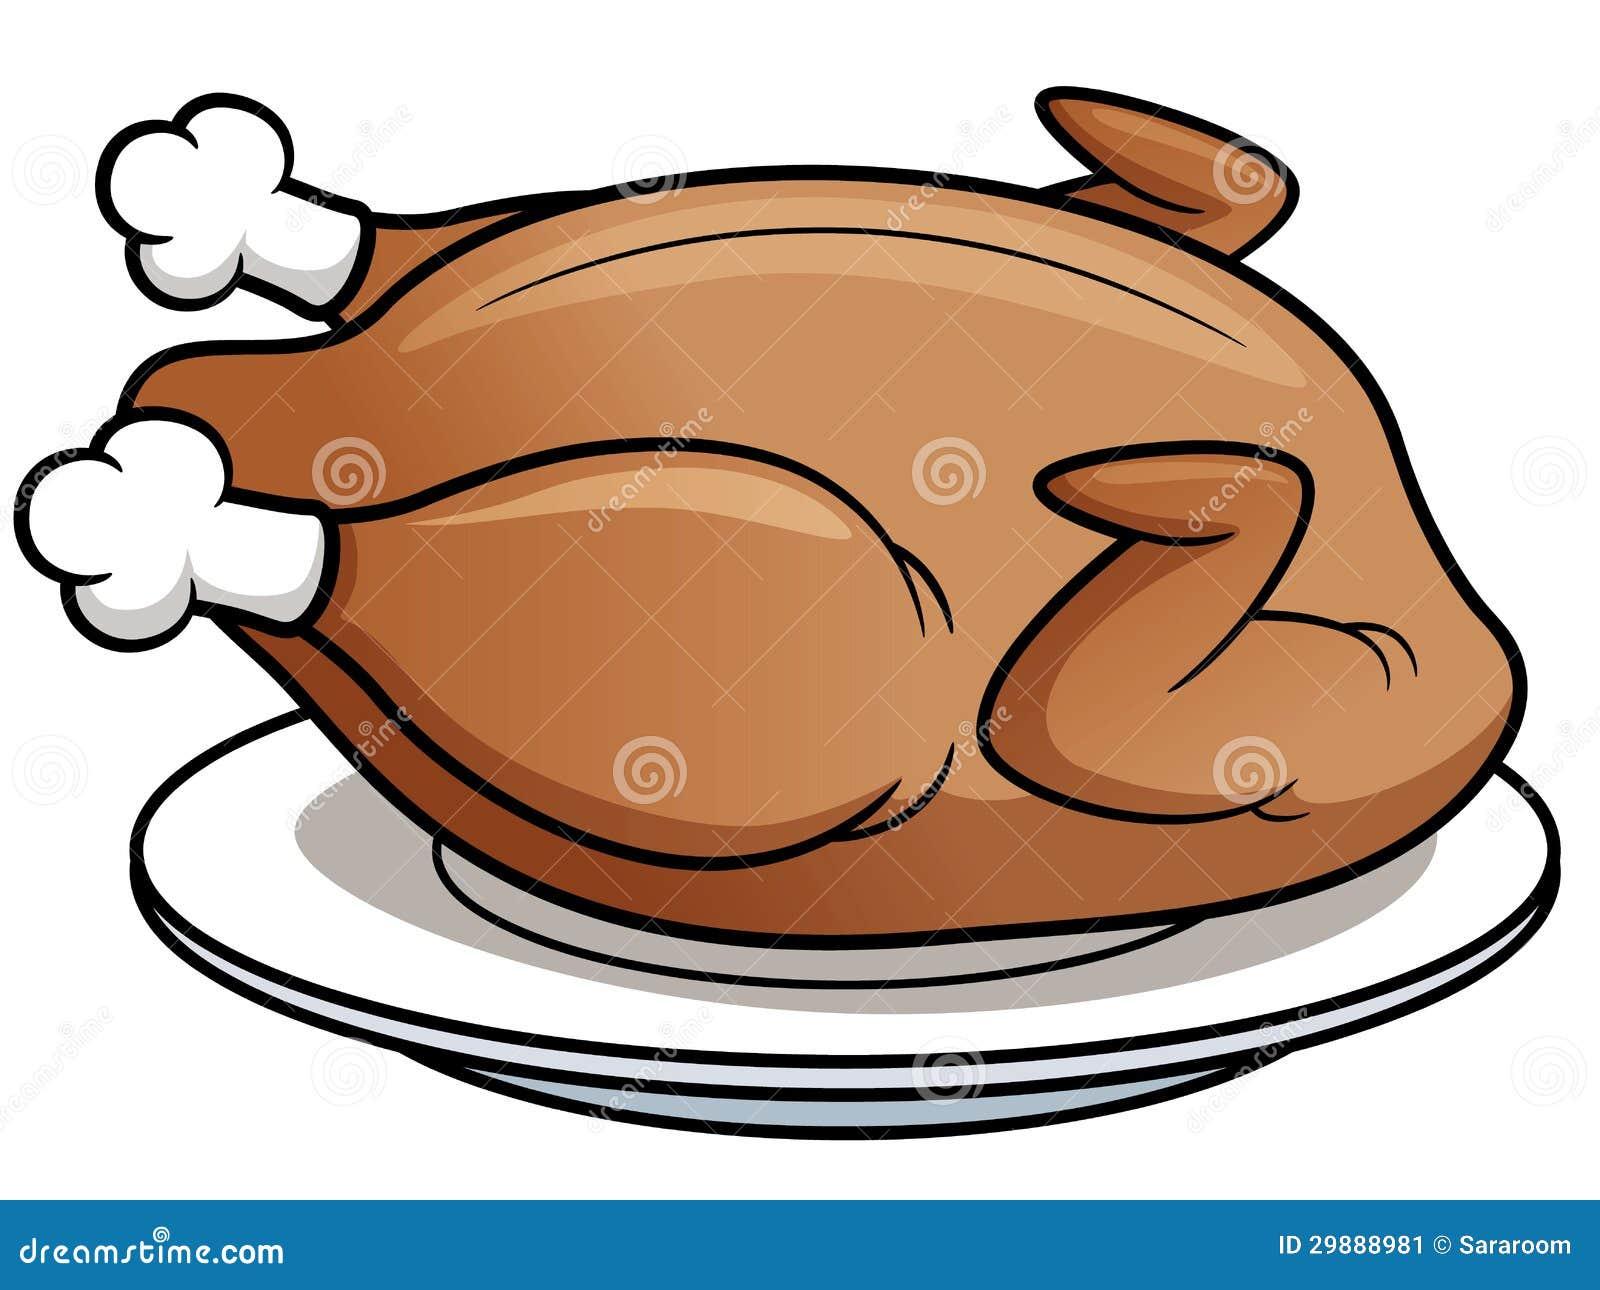 Poulet r ti illustration de vecteur illustration du repas 29888981 - Dessin de poulet roti ...